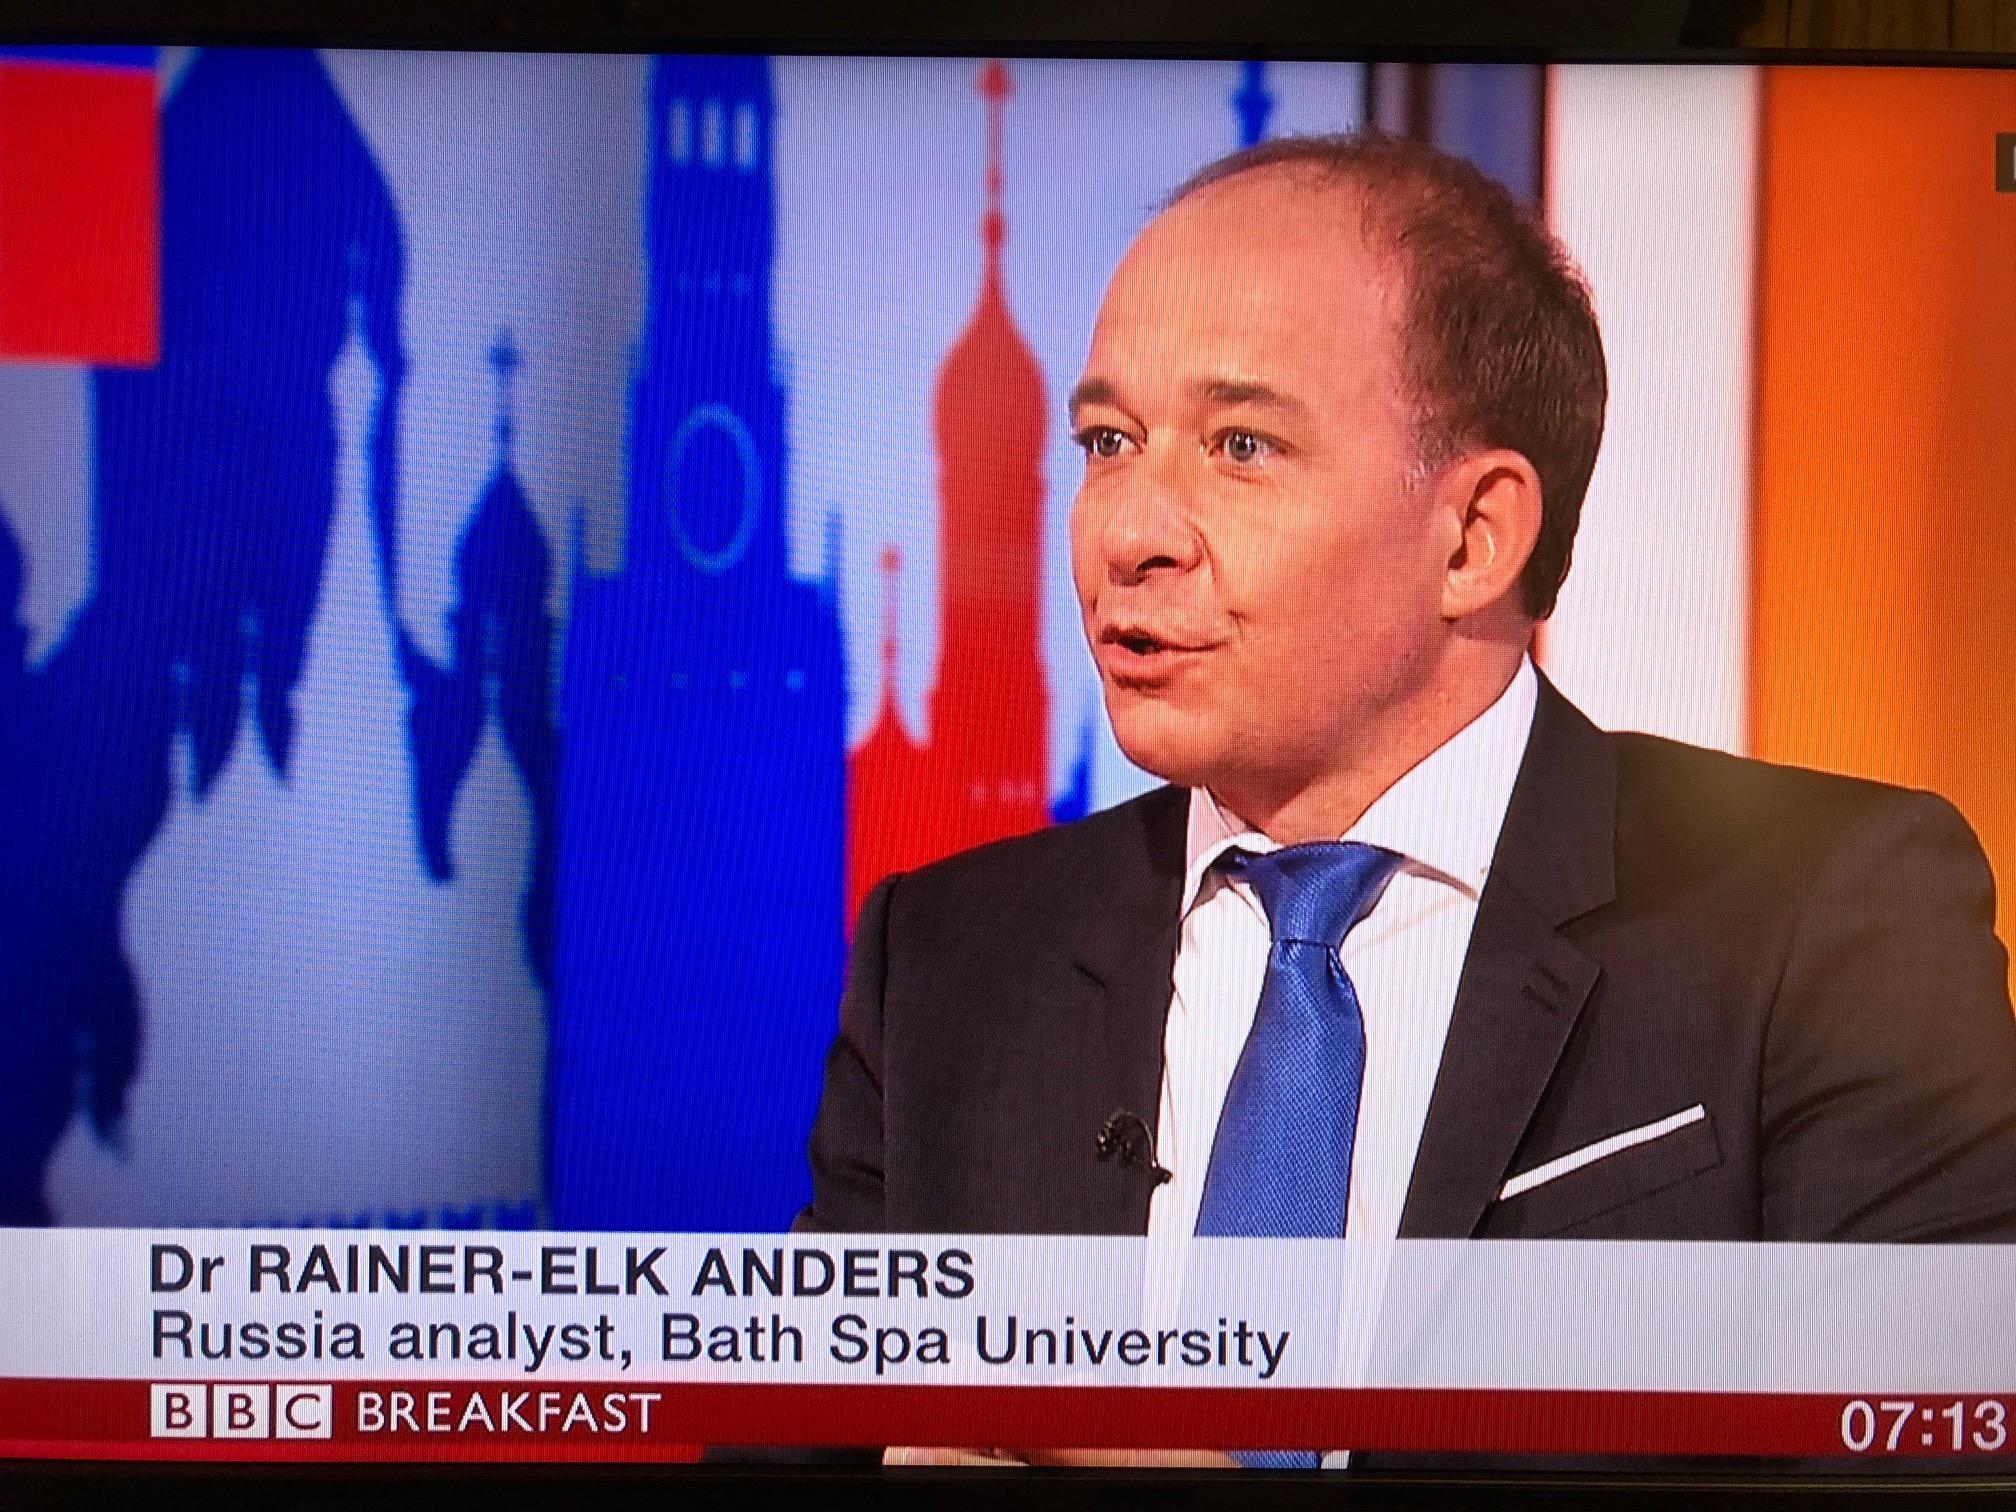 Dr. Rainer-Elk Anders